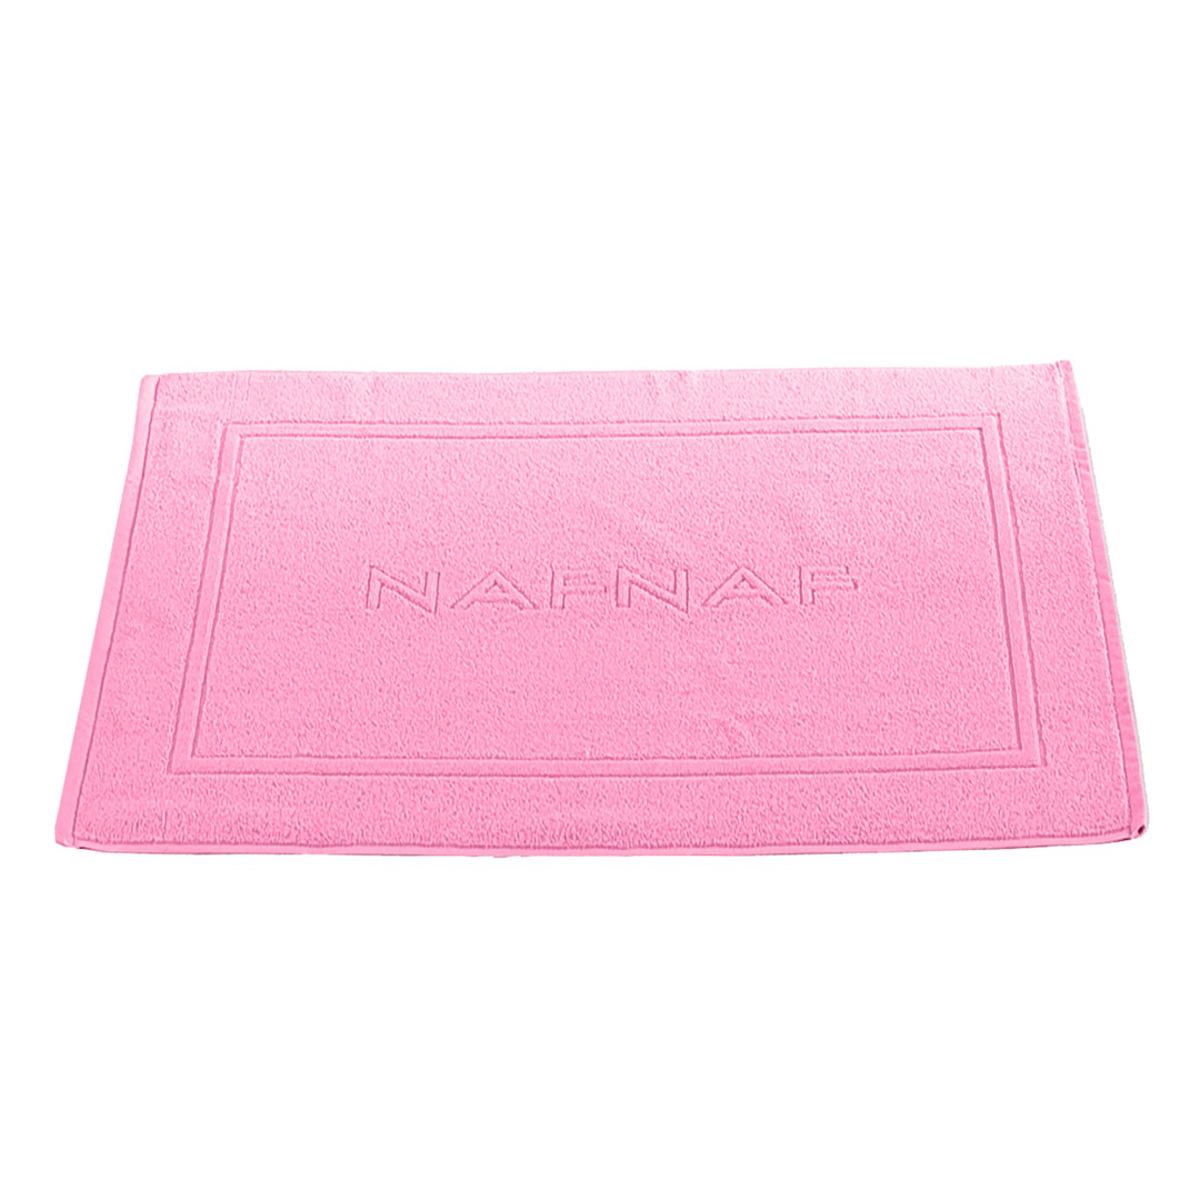 Tapis de bain 750gr/m2 en coton rose 50x80